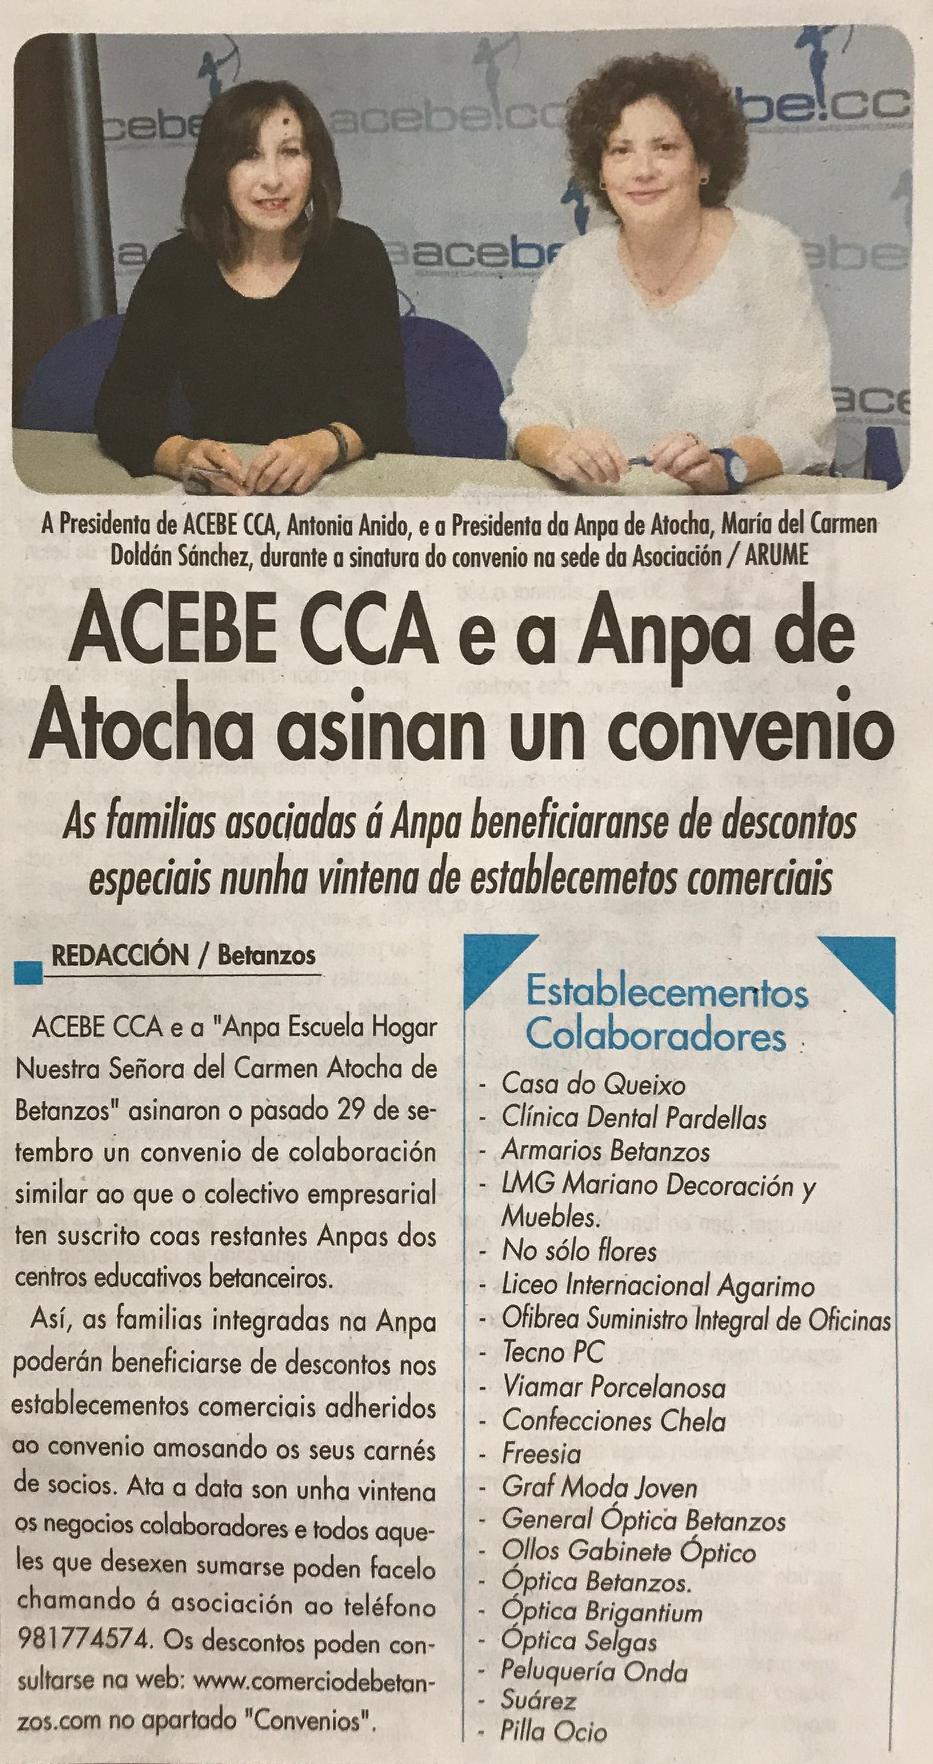 ACEBE CCA e a ANPA asinan un convenio